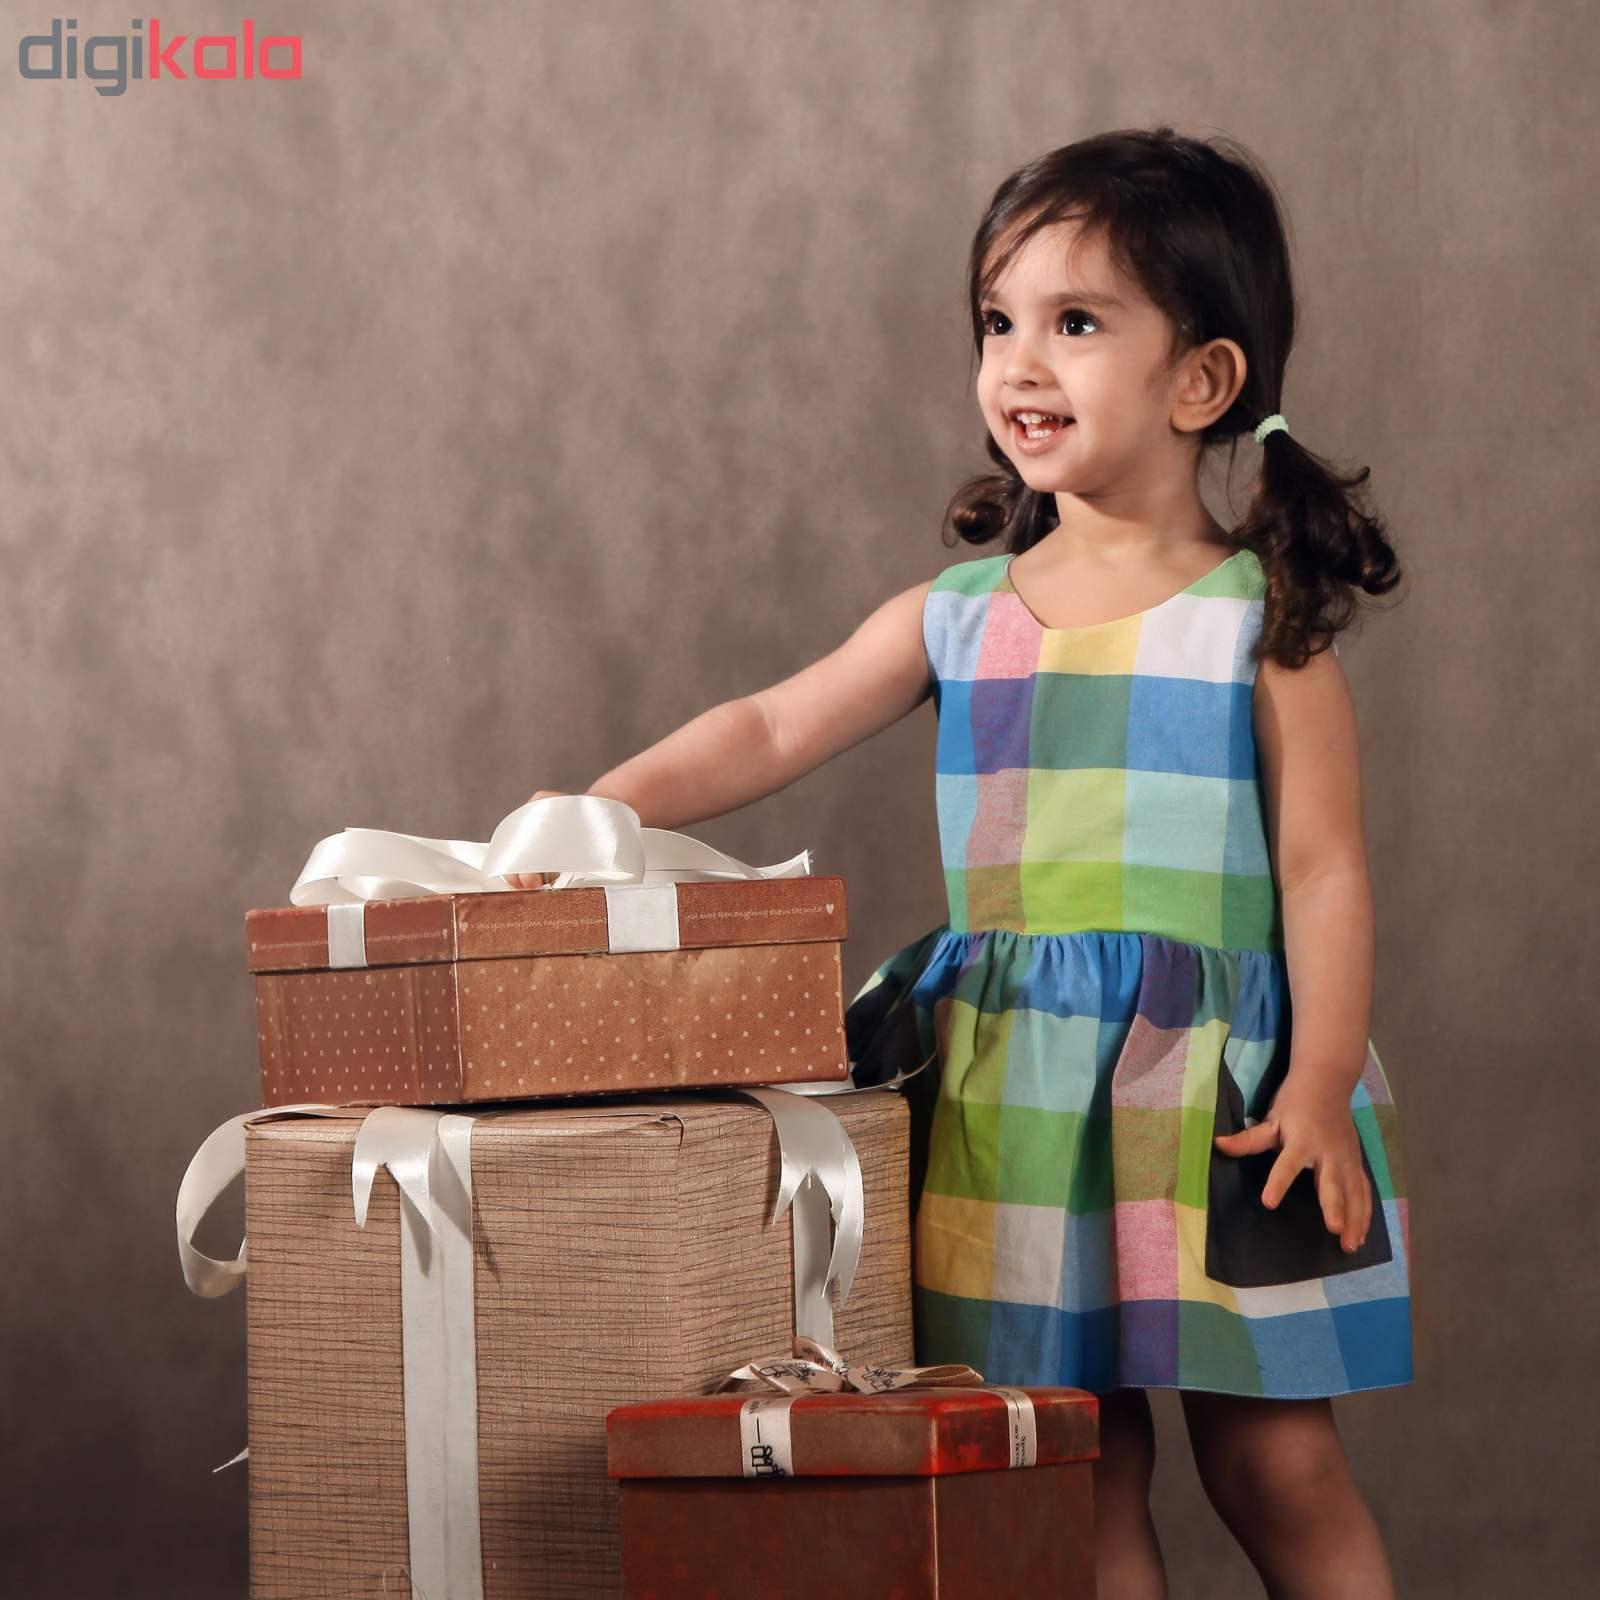 پیراهن دخترانه مای کید مدل 3-1479 main 1 3